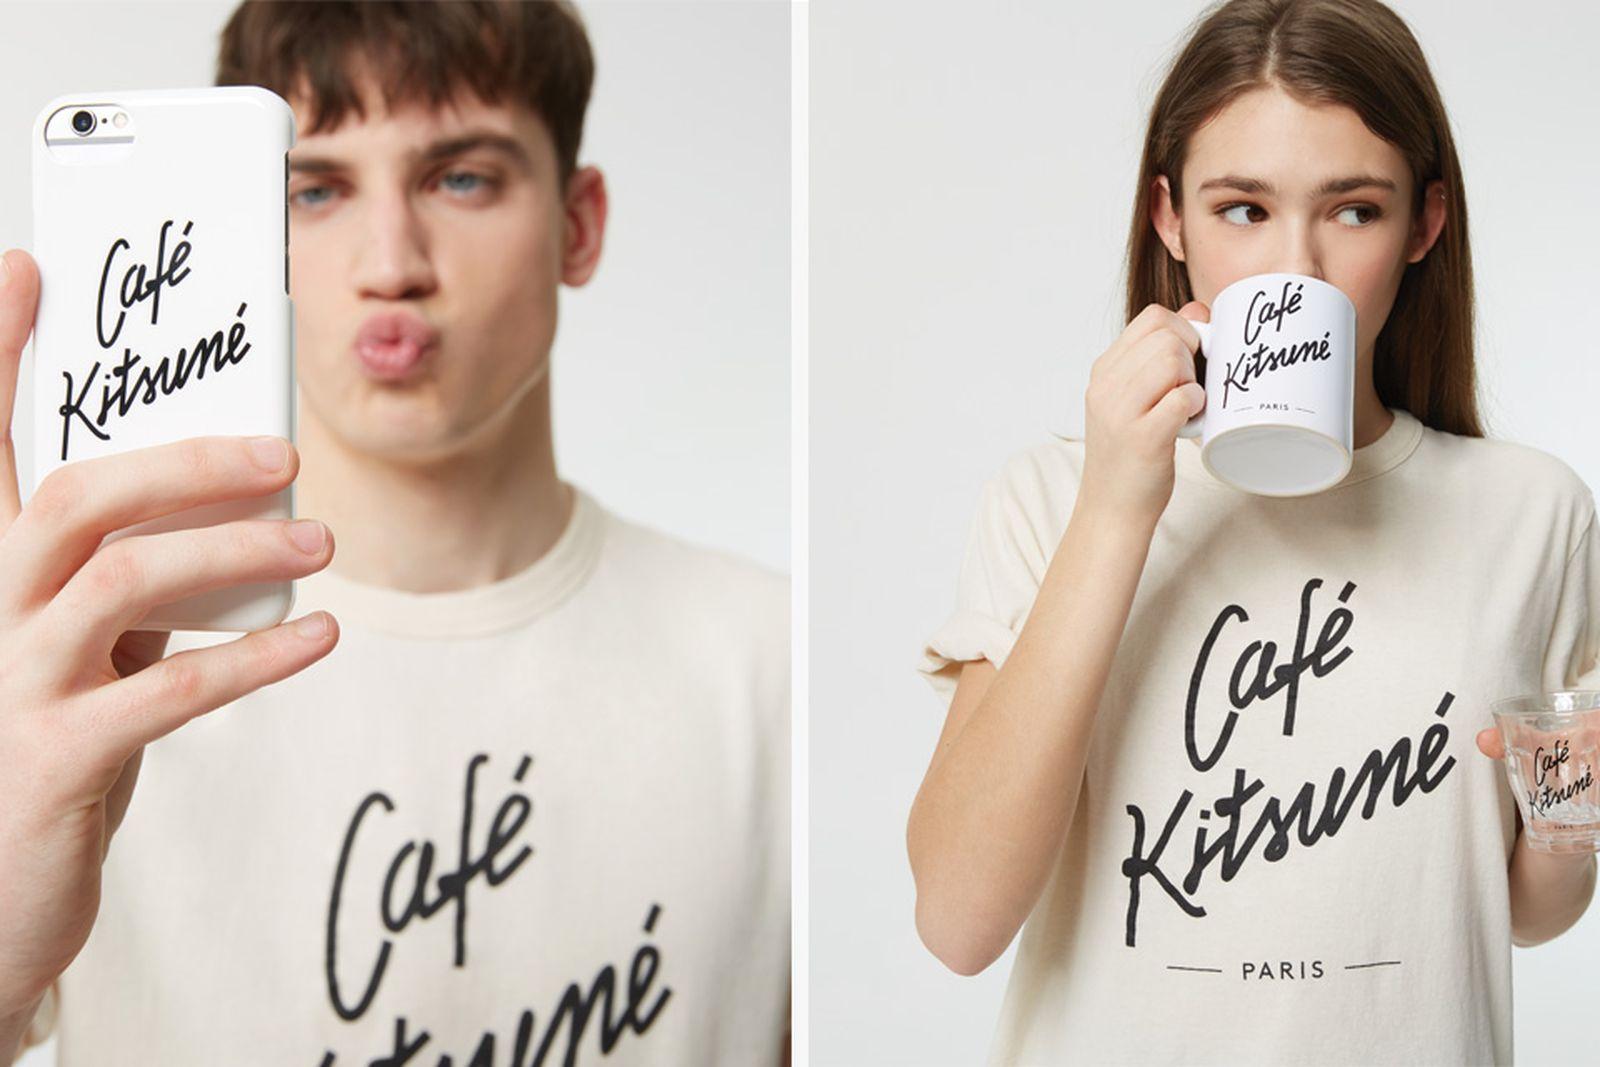 cafe kitsune coffee collection Cafe Kitsuné maison kitsune